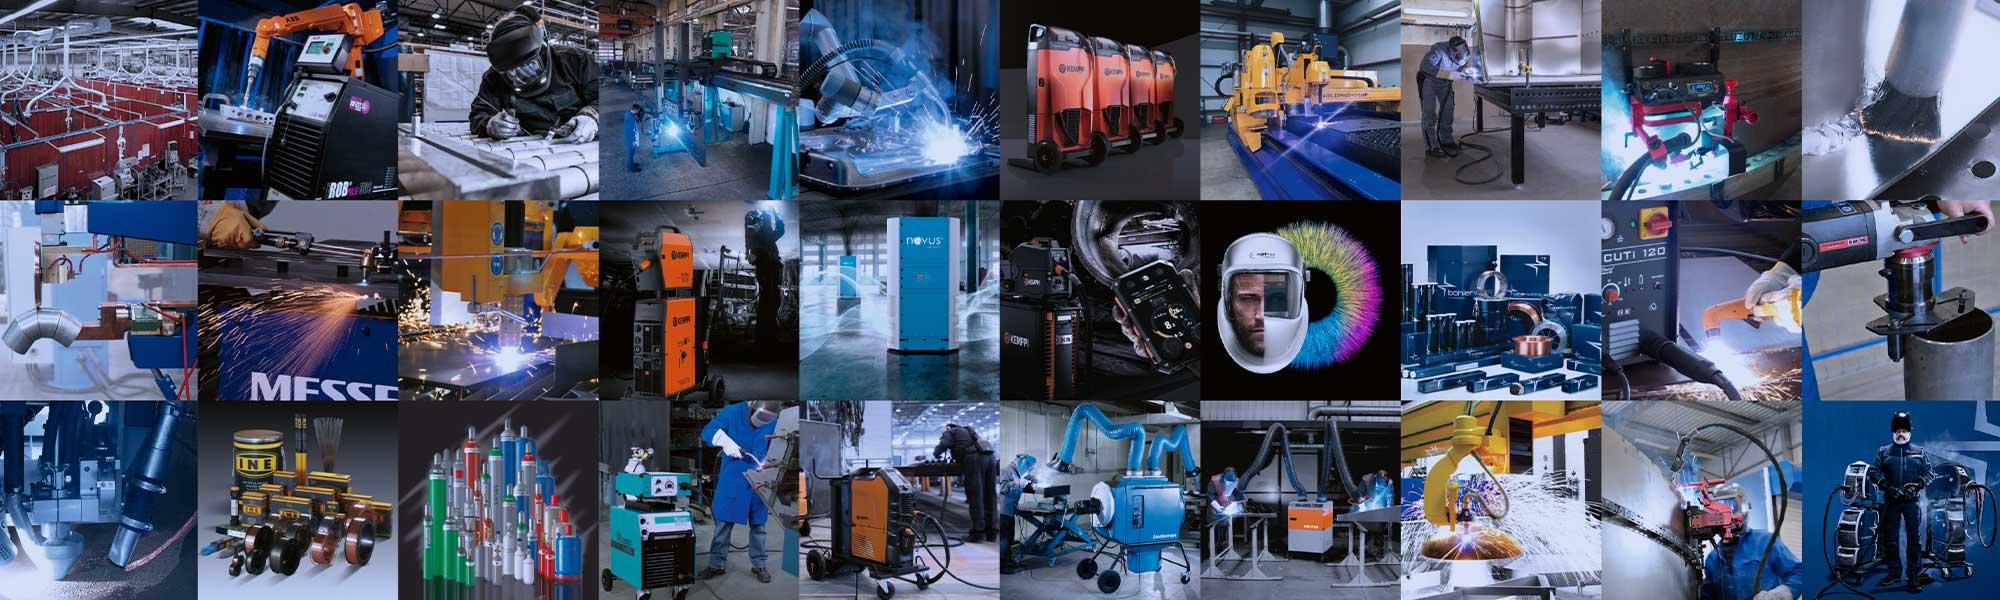 Schweißtechnik und Industriebedarf kaufen